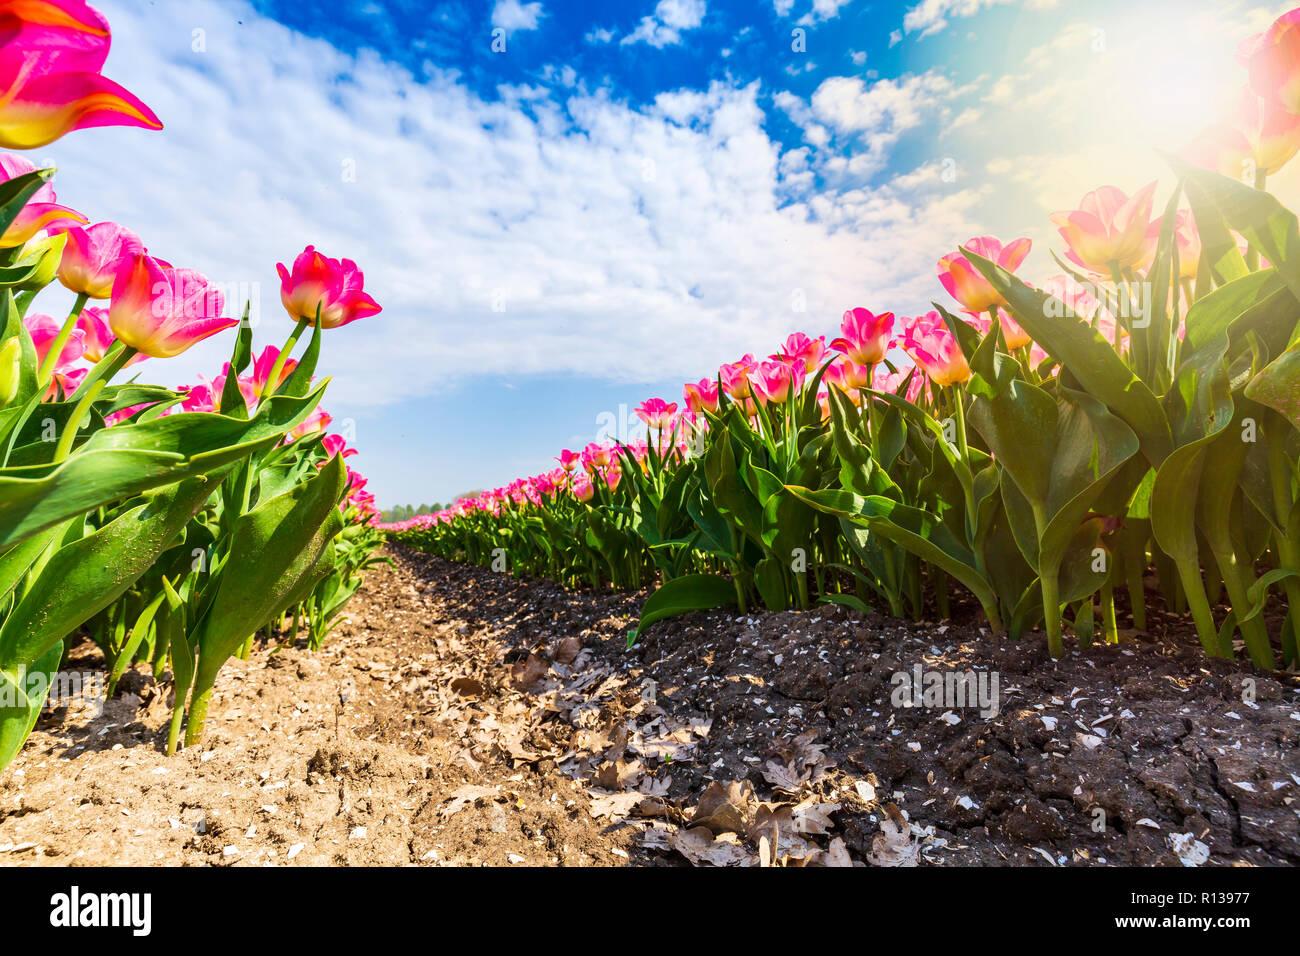 196843ba68ef Primer plano de las filas rosa tulipanes holandeses en un campo de flores  durante la primavera en un día soleado con el cielo azul